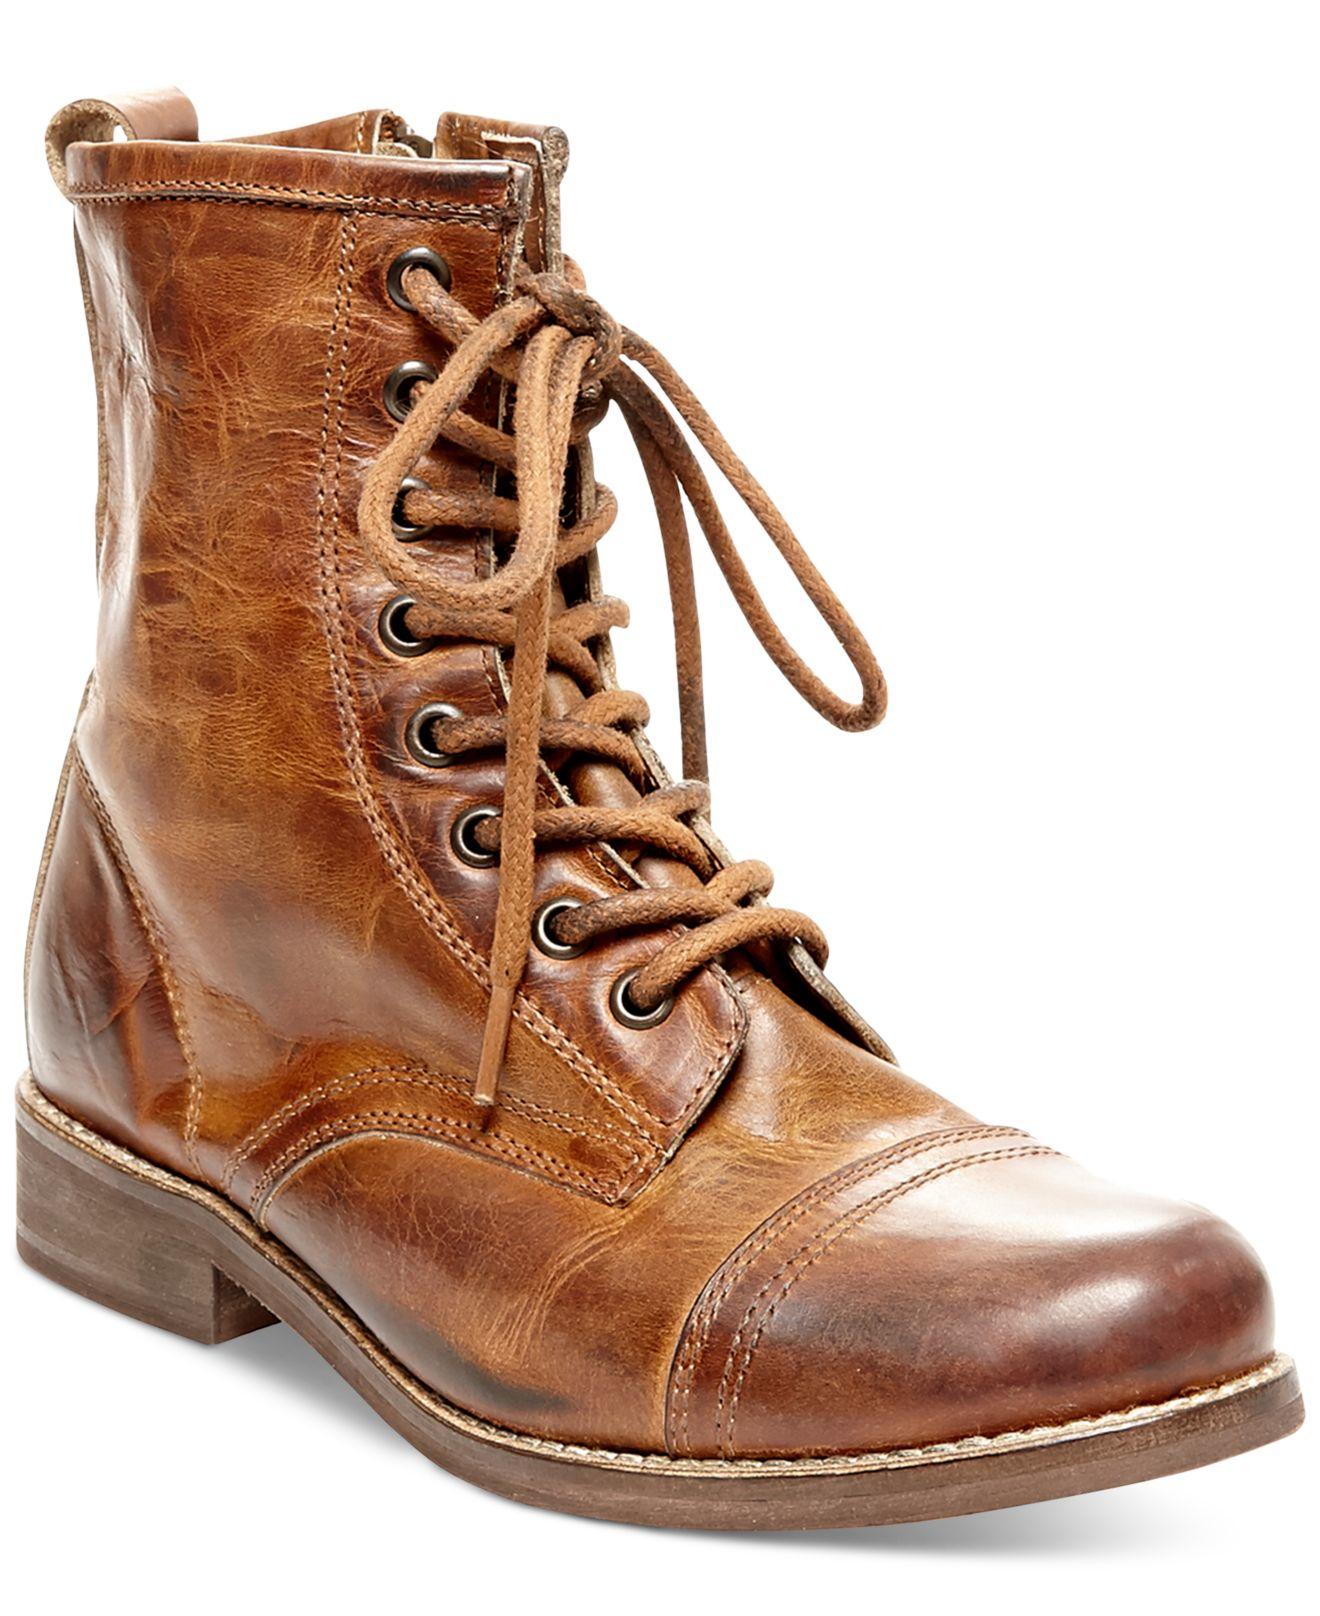 556793d99c8 Steve Madden Brown Charrie Combat Booties